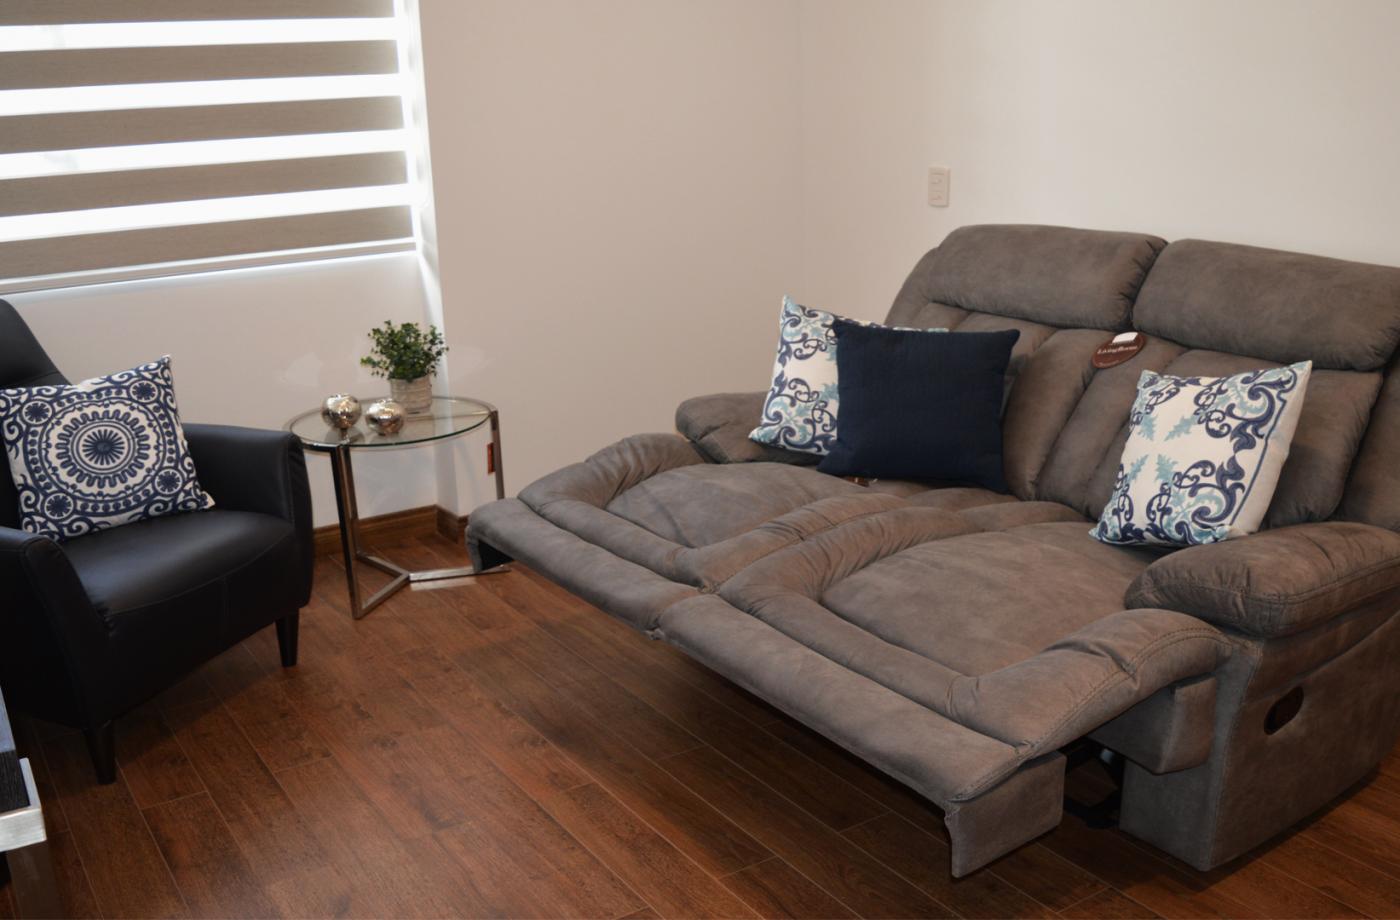 imagen 2 tipos de muebles